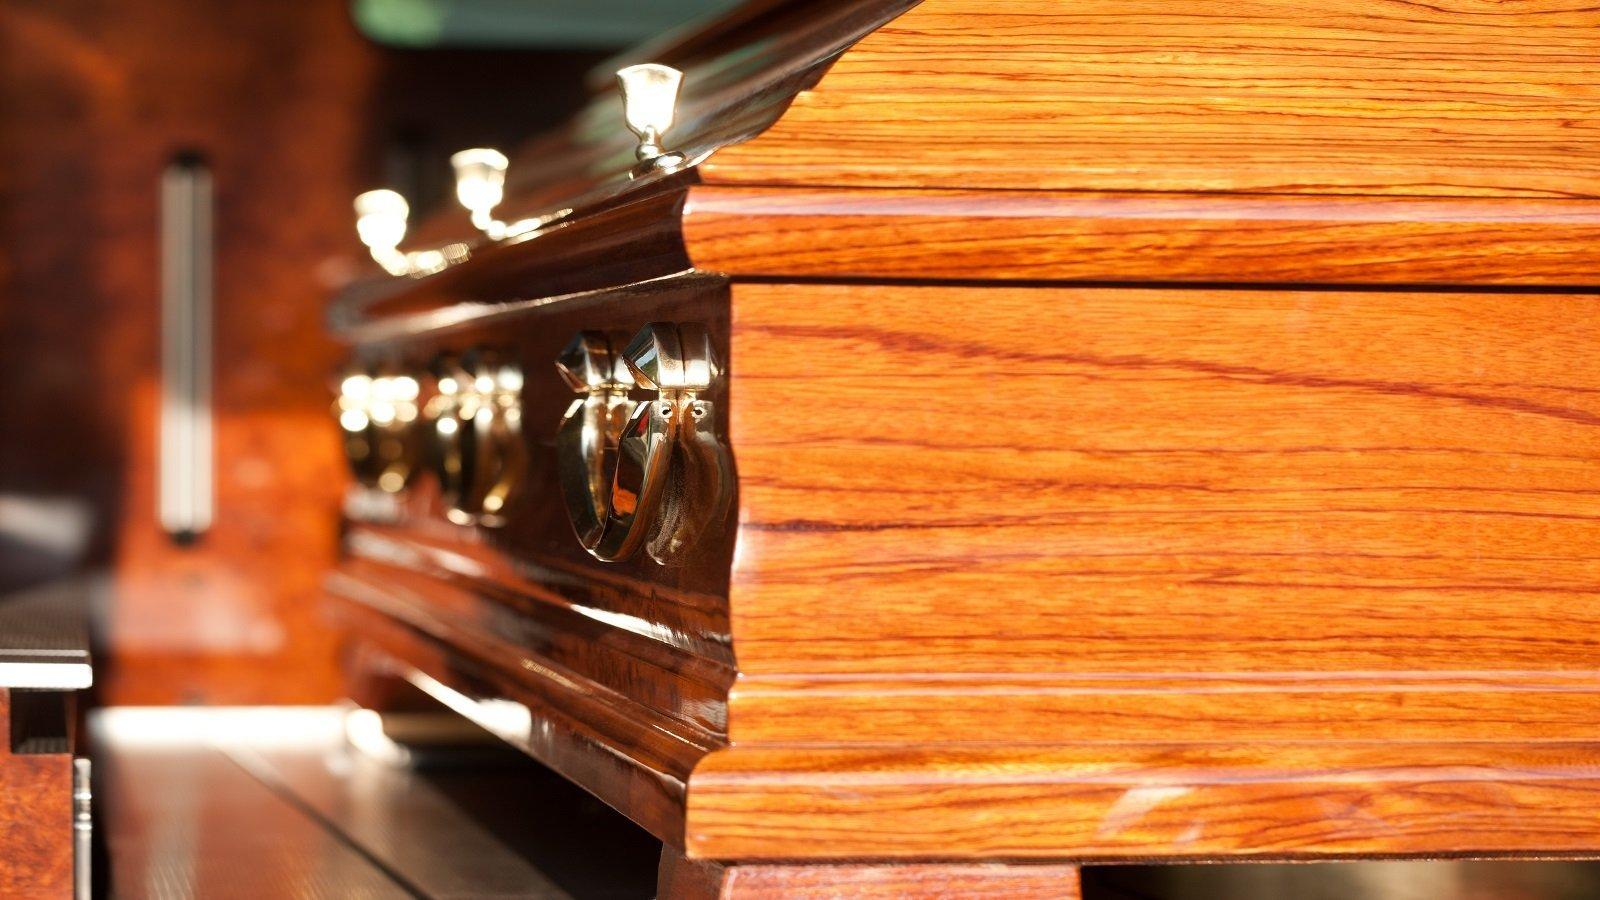 una bara in legno vista da vicino